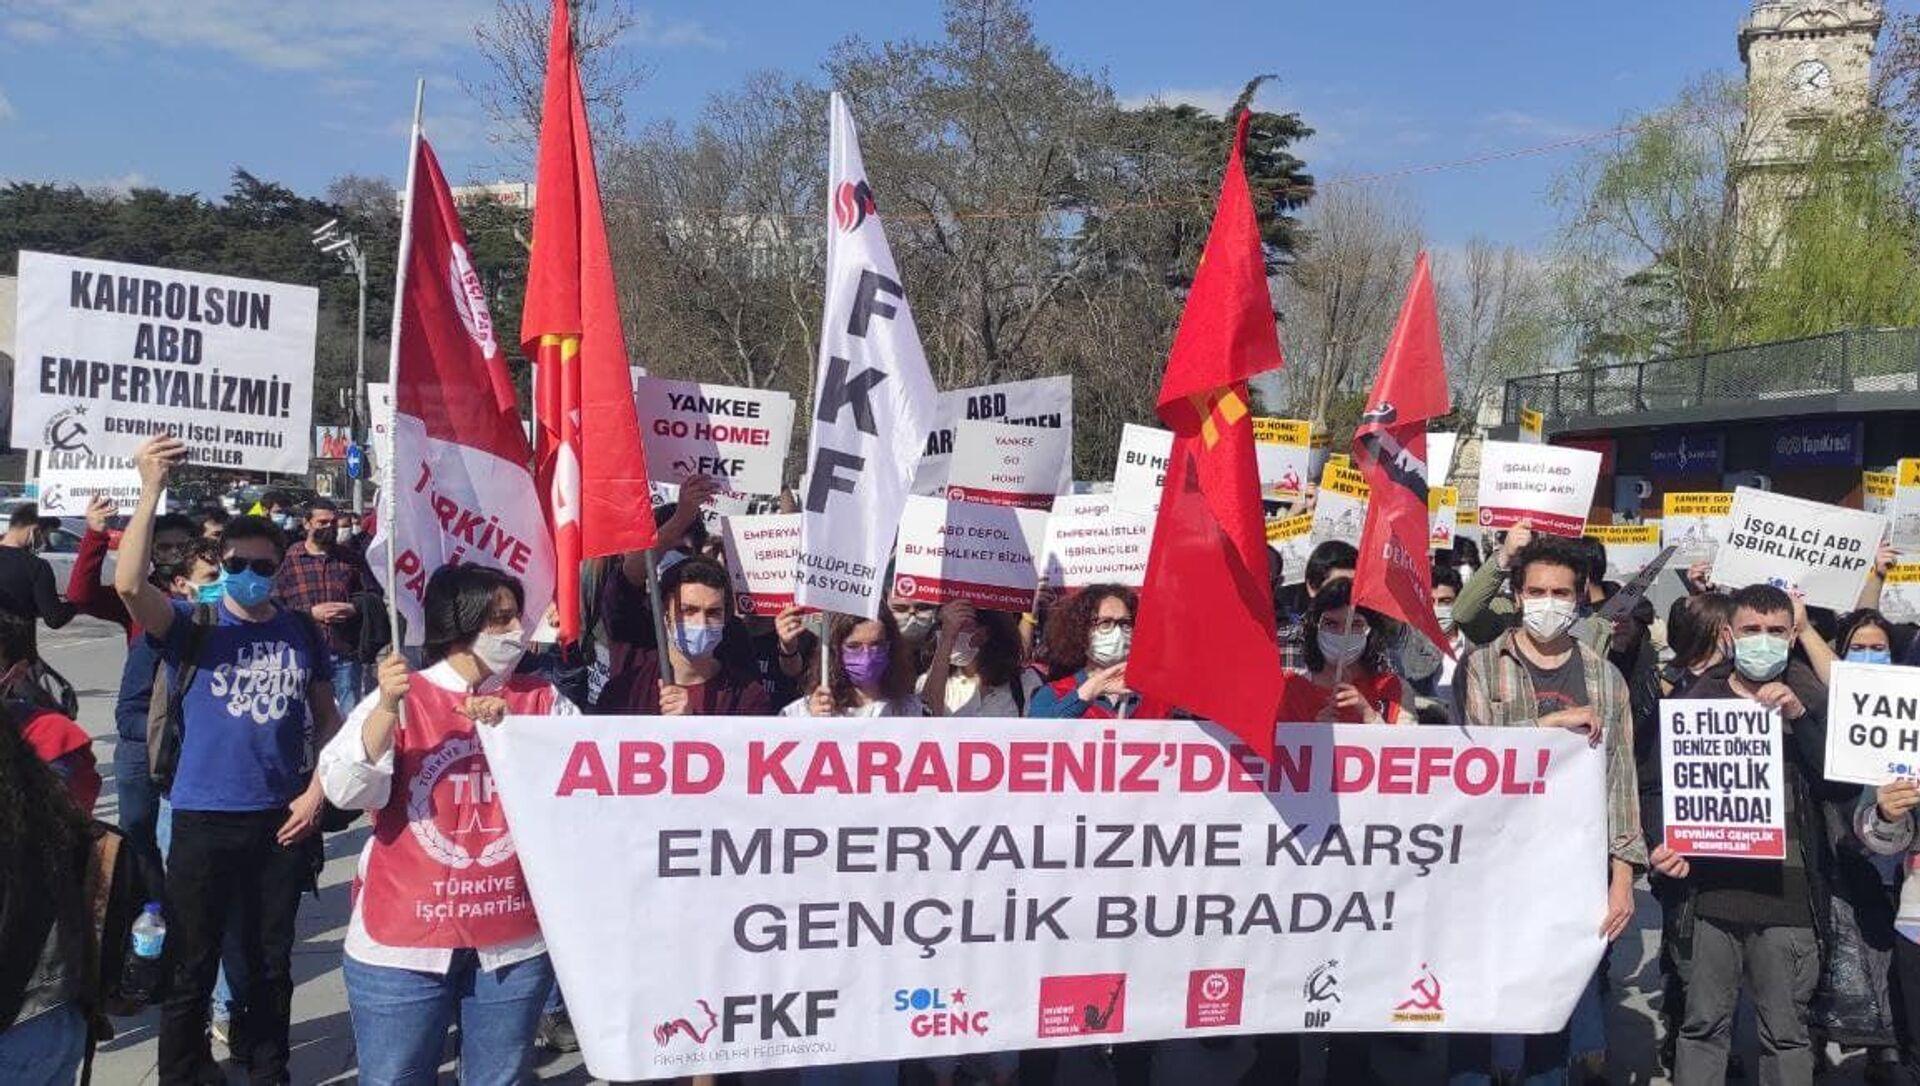 Gençlik örgütleri, ABD'nin Karadeniz'e savaş gemisi yollamasını protesto etti - Sputnik Türkiye, 1920, 14.04.2021